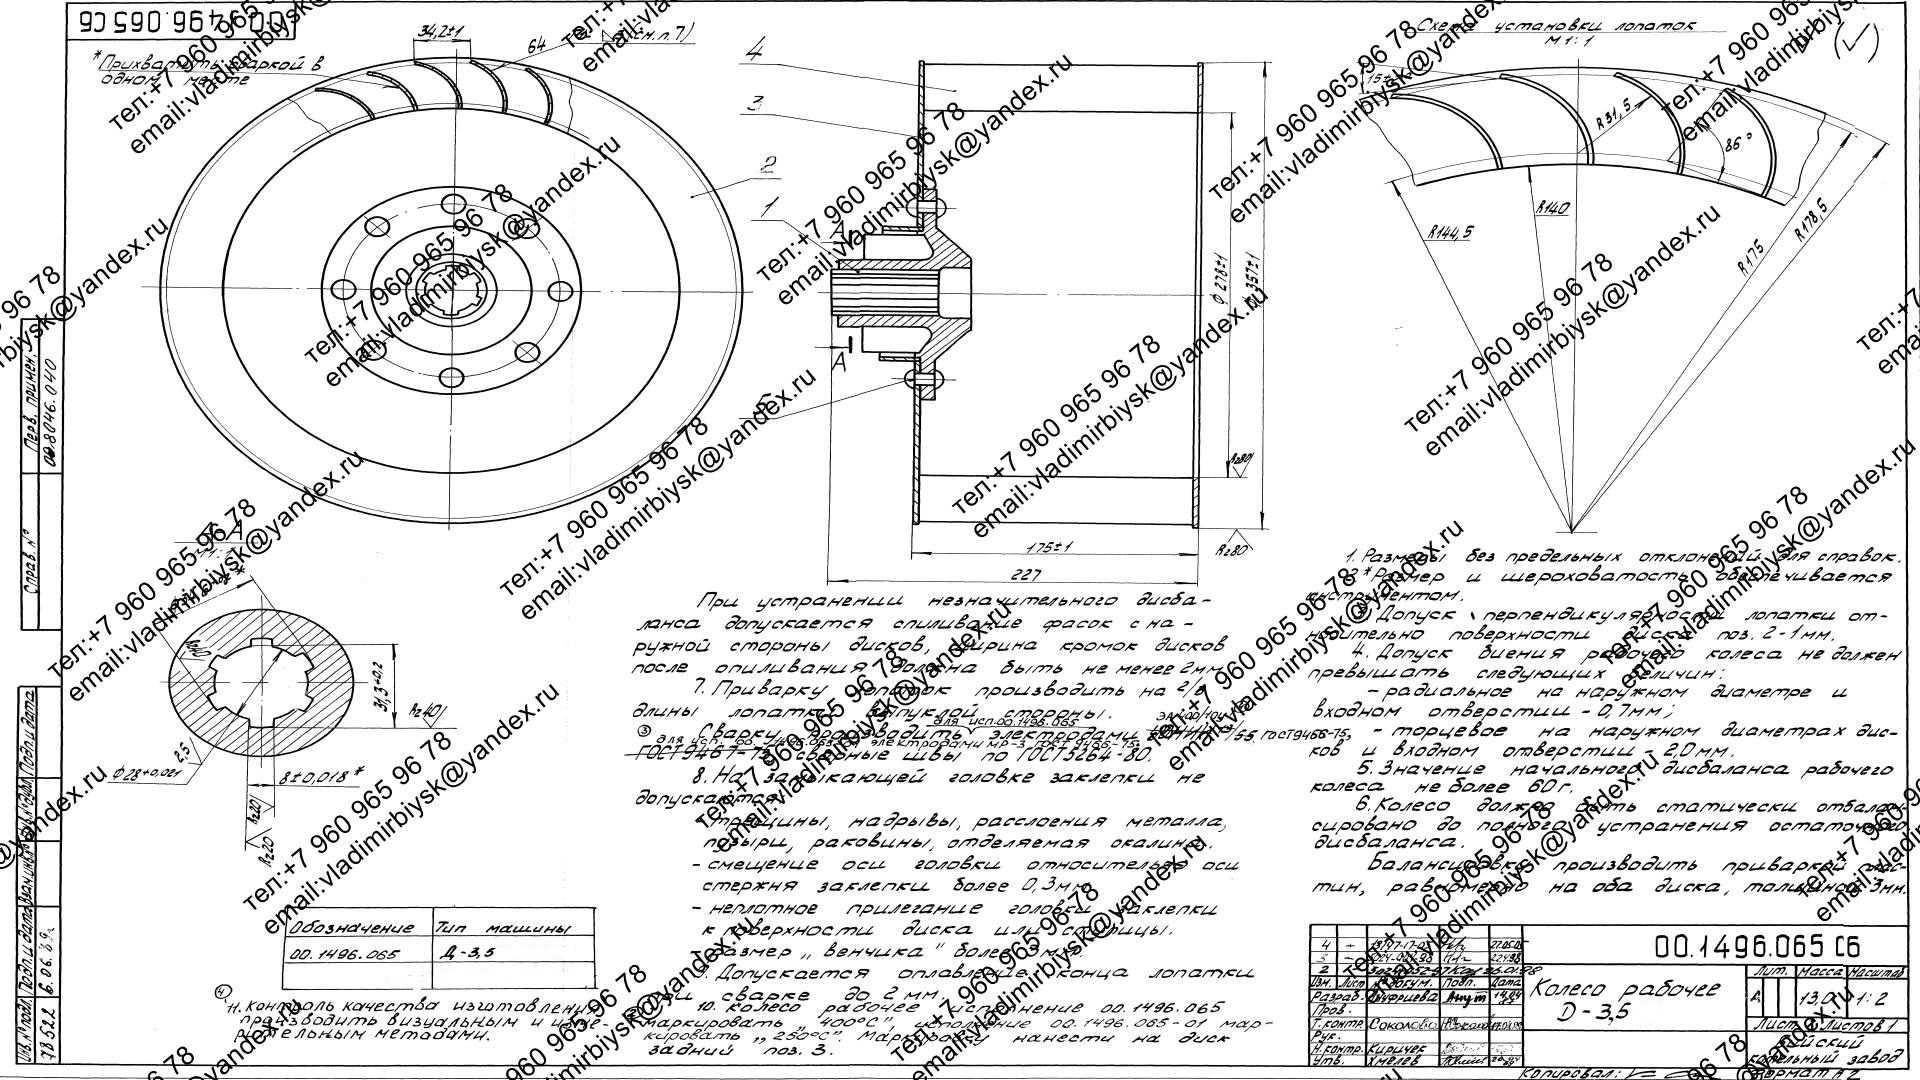 Чертеж рабочего колеса Д-3.5 (ВД-3.5)